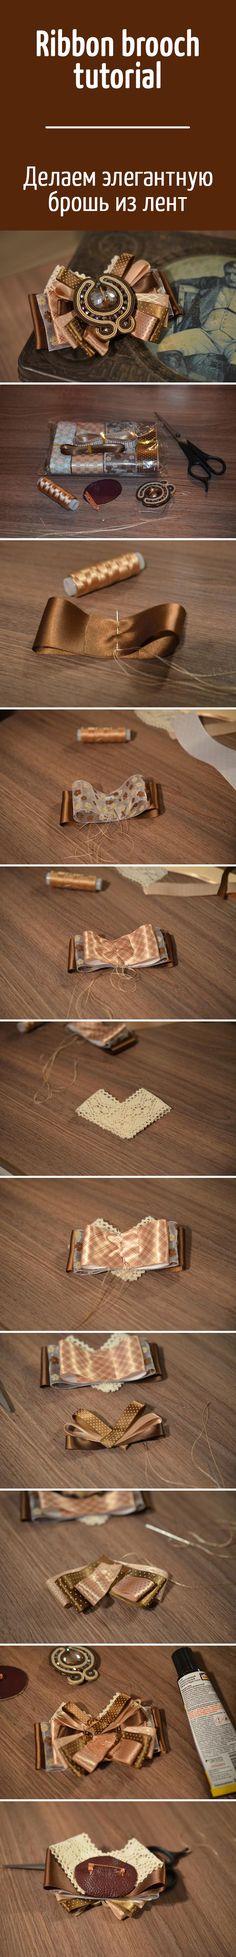 Ribbon brooch tutorial / Делаем элегантную брошь из лент